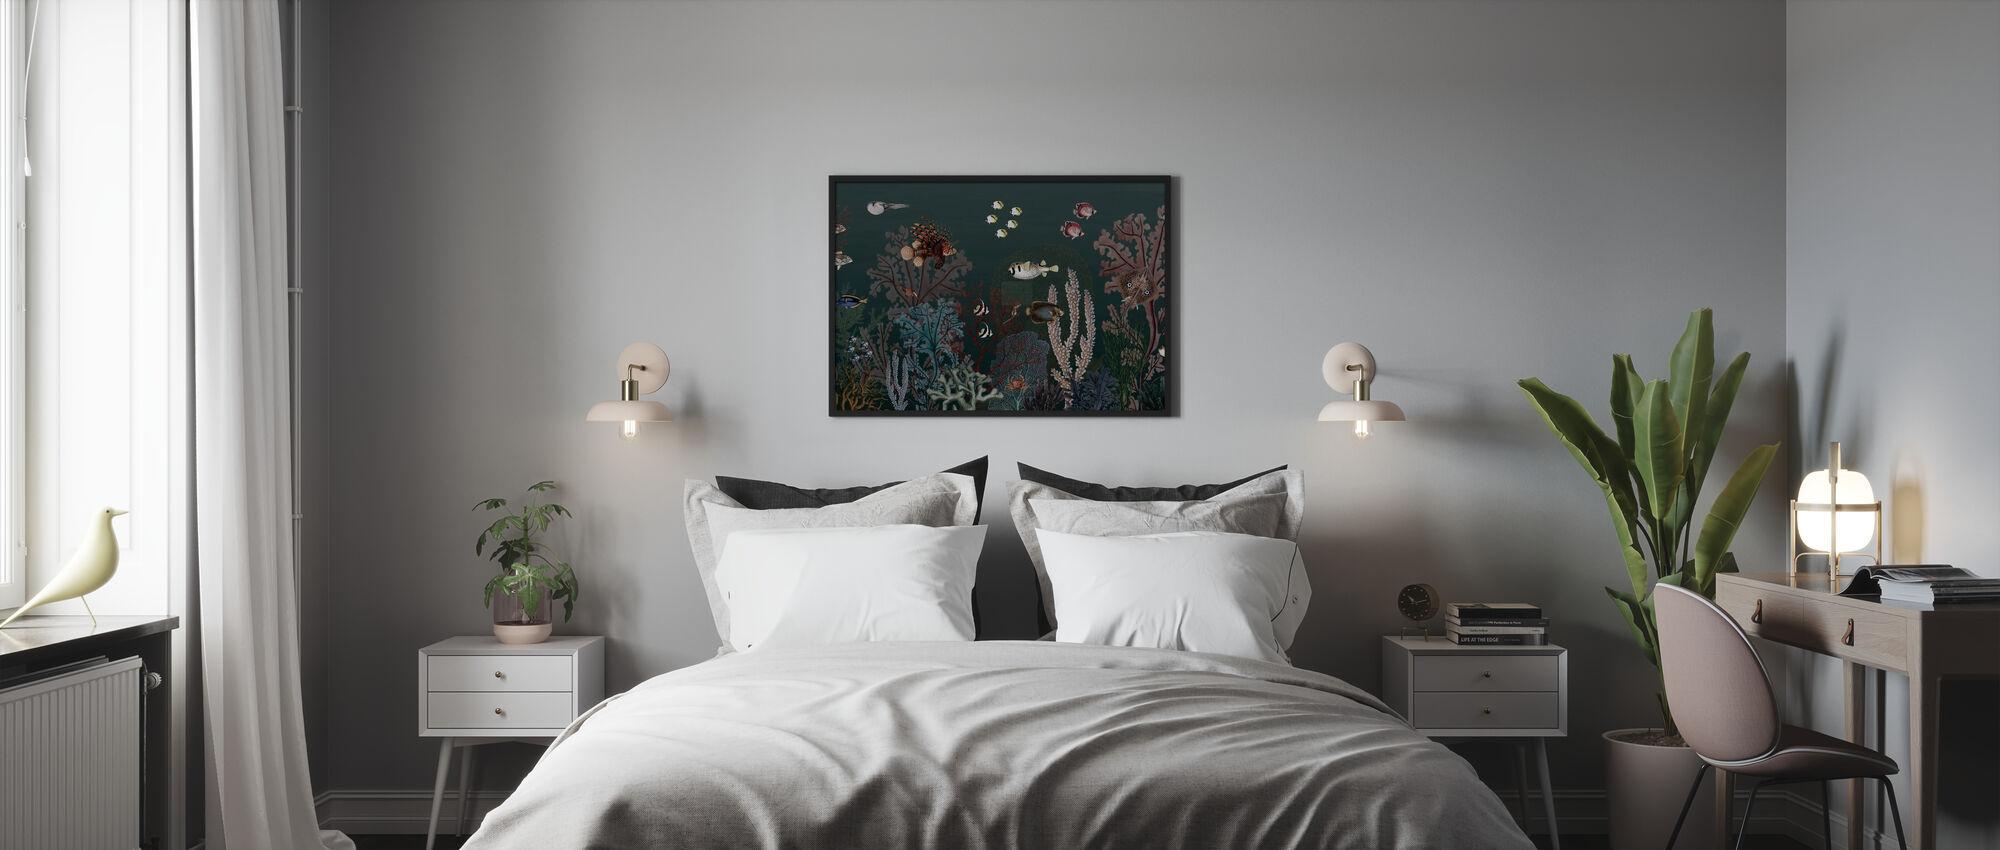 Roaring Reef - Green - Poster - Bedroom